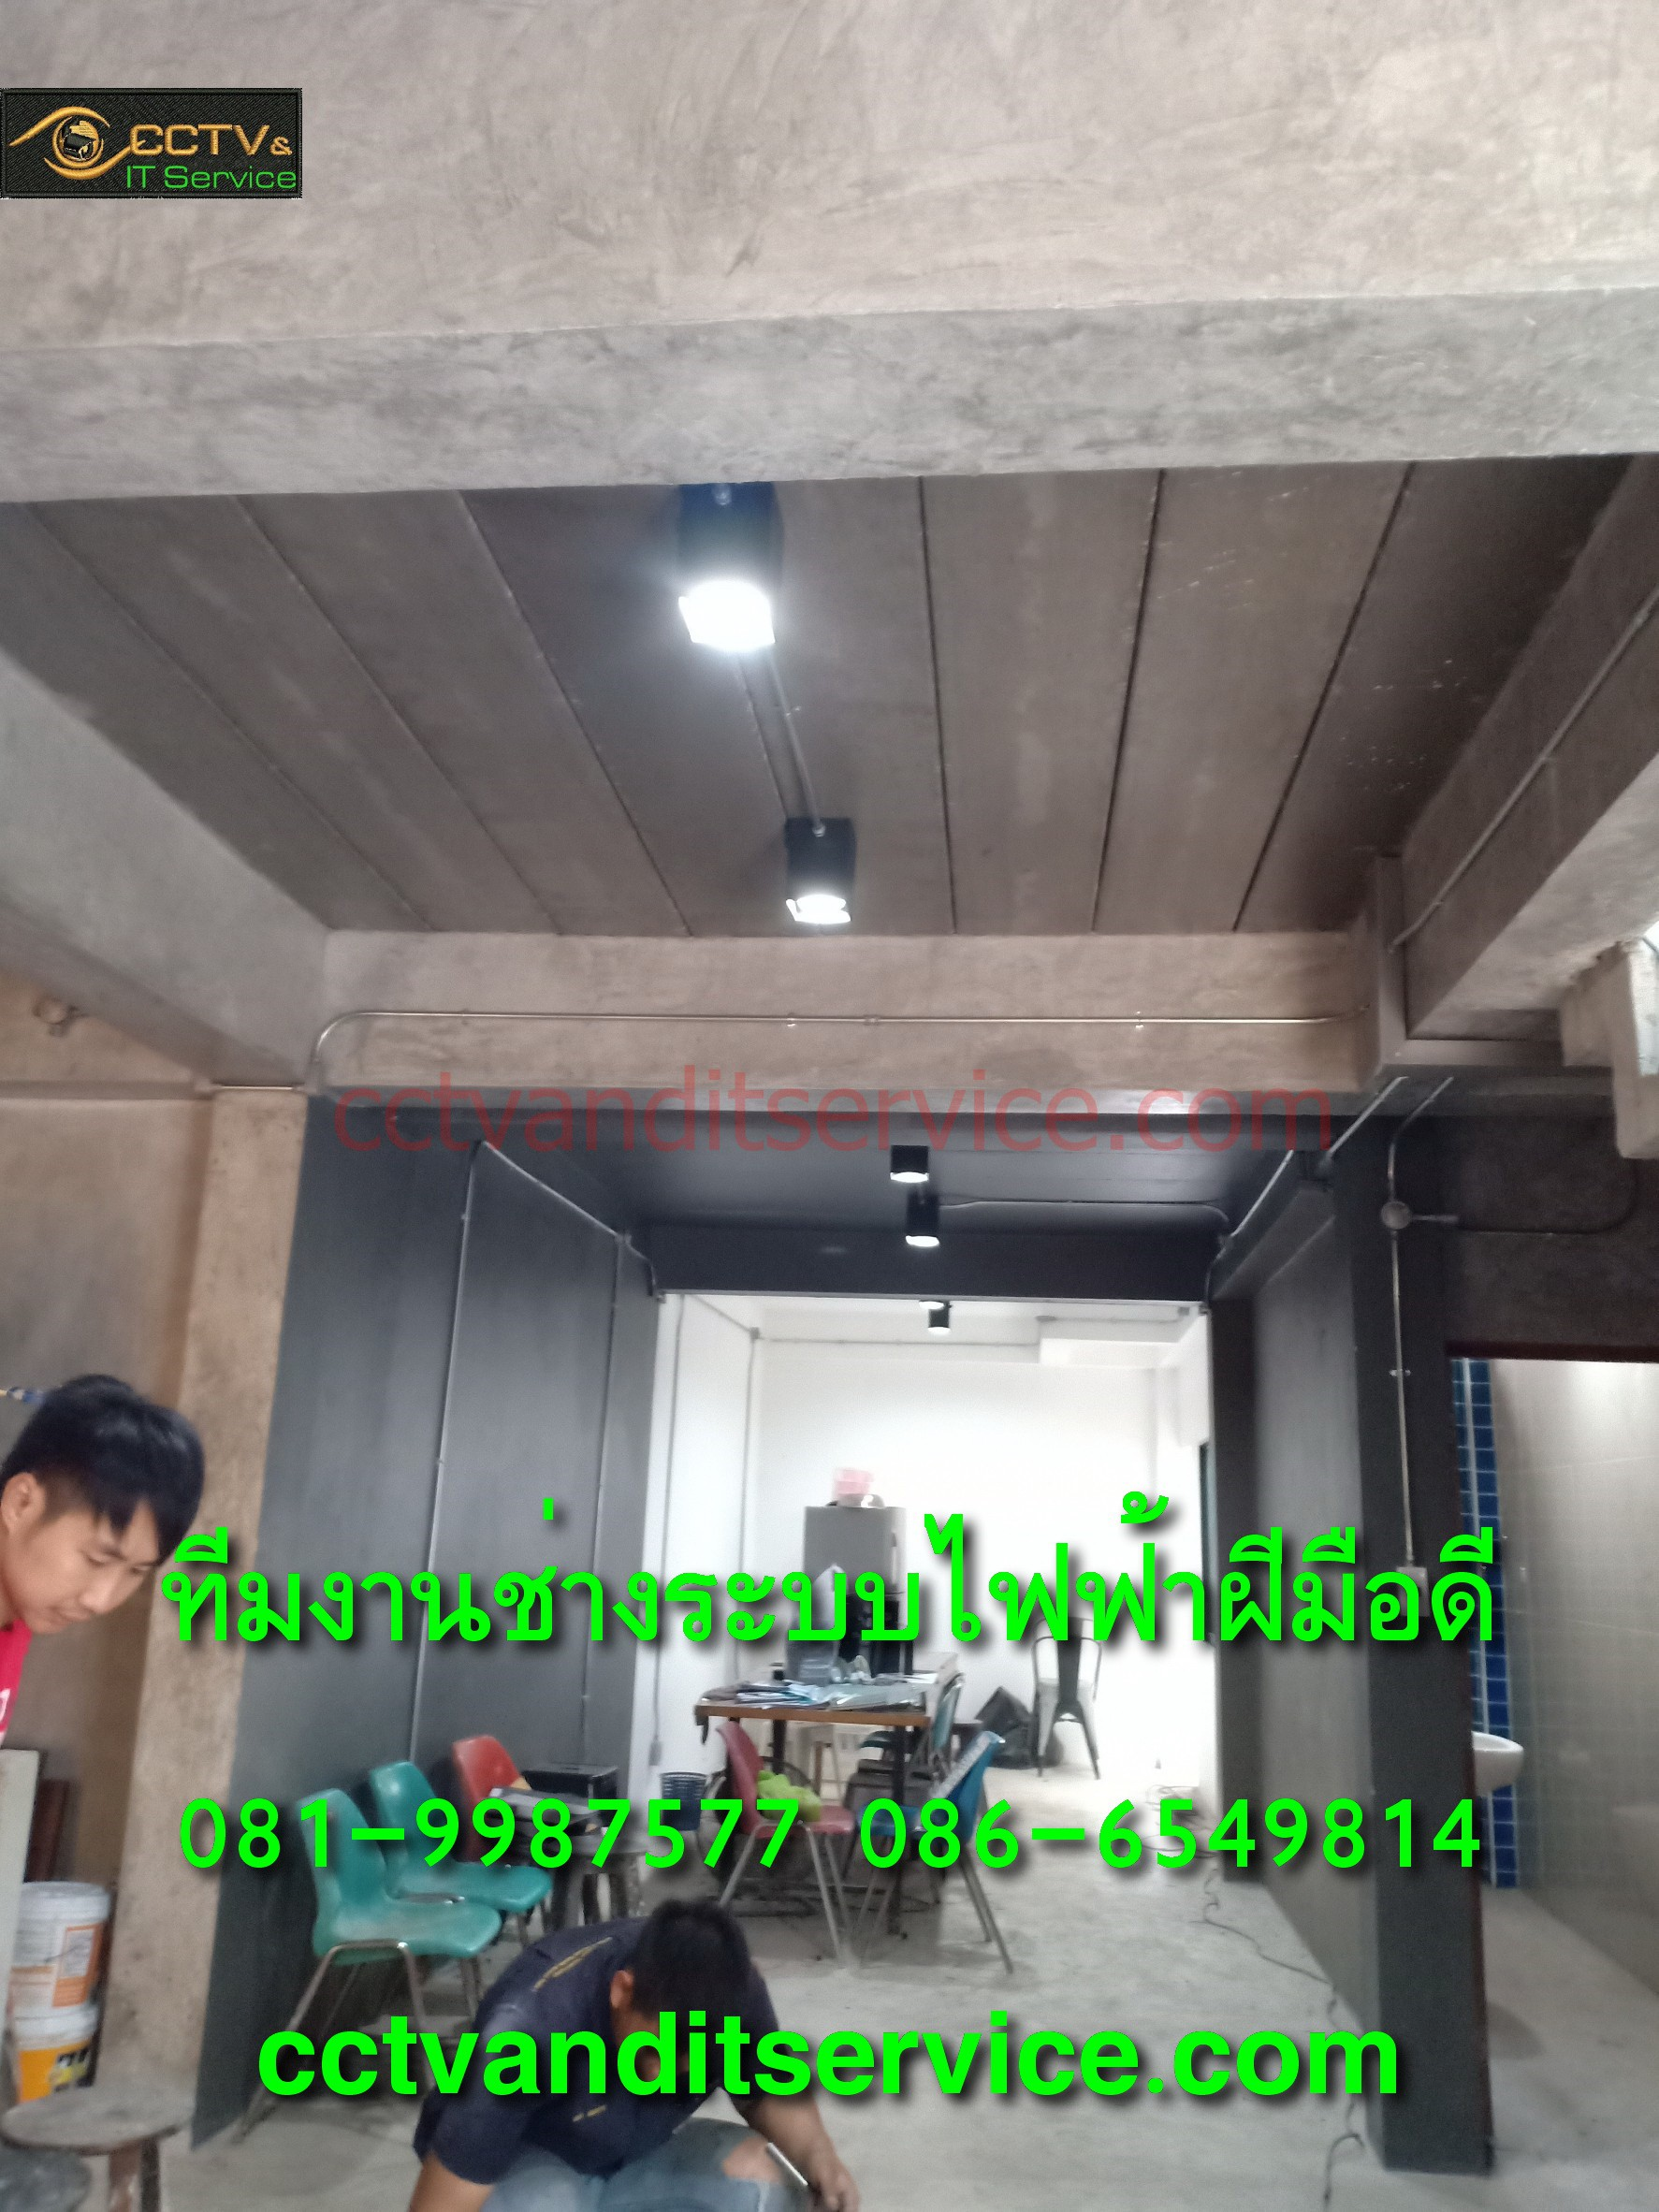 ช่างไฟฟ้าเดินท่อเหล็กEMT IMCสวยๆ ช่างไฟฟ้าวิชาชีพคนไทย งานที่ลูกค้าที่เชียงใหม่ ชอบผลงานแล้วต้องการเดินโชว์สวยๆ